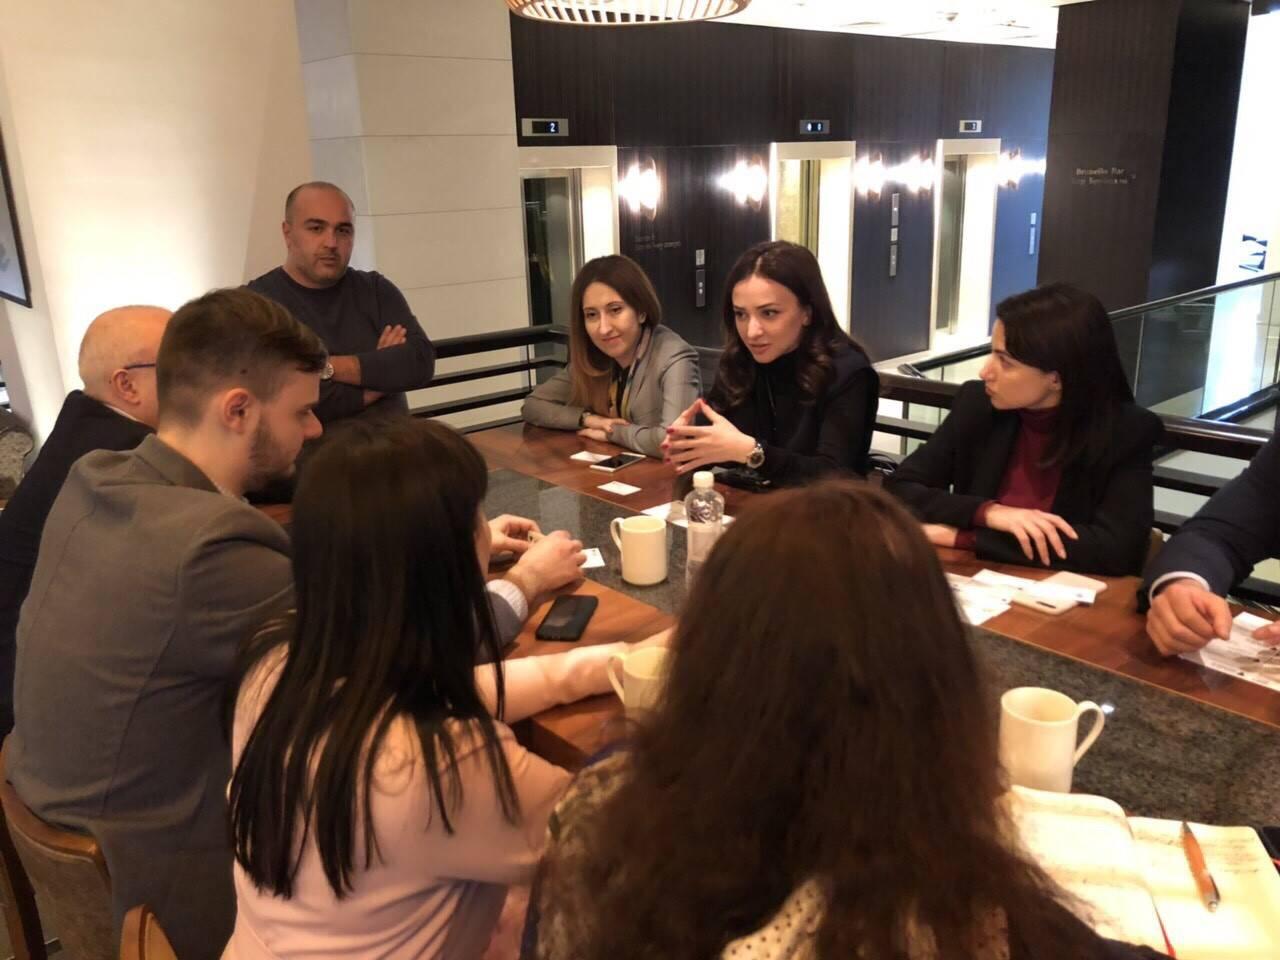 ԱՃԹՆ քարտուղարության ներկայացուցիչները հանդիպել են Ուկրաինայի գործարար համայնքի ներկայացուցիչների հետ